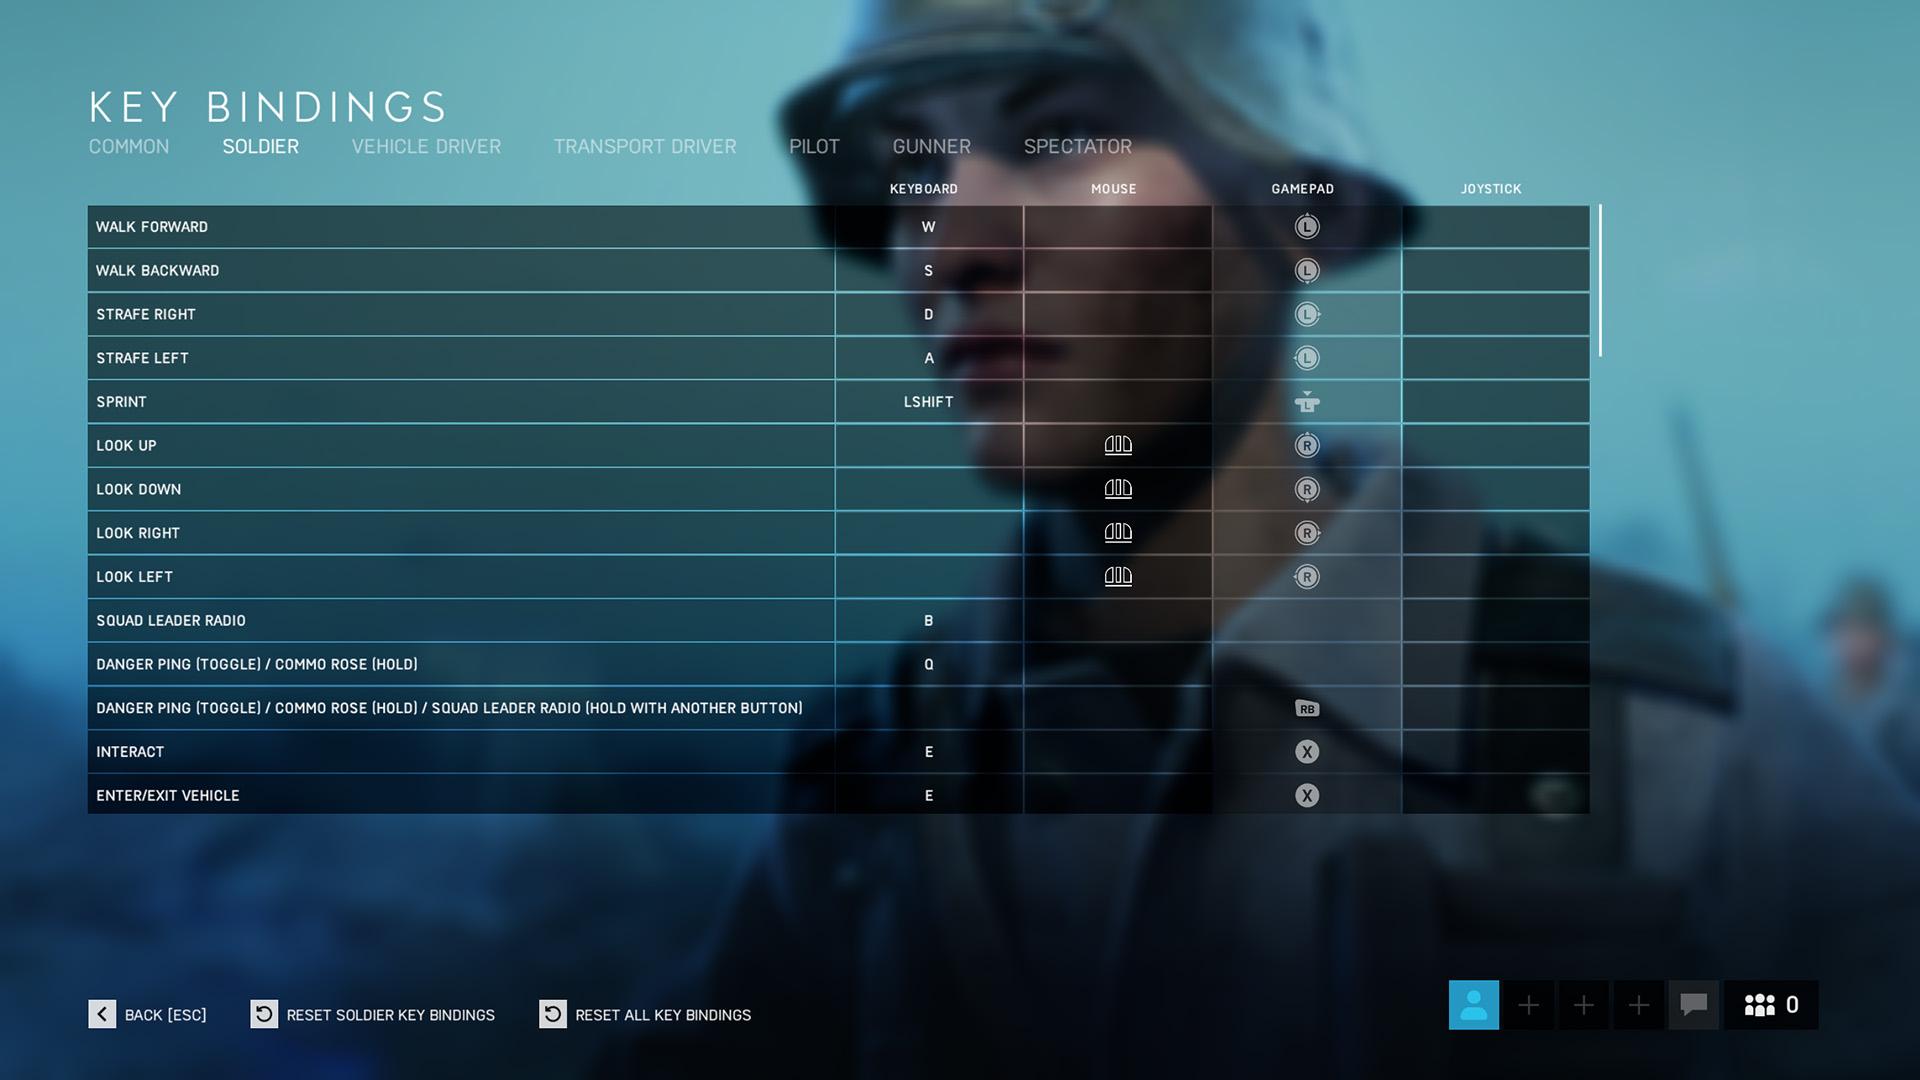 Battlefield V Screenshot 2018_0041_Battlefield V Screenshot 2018.11.11 - 20.27.12.94.jpg